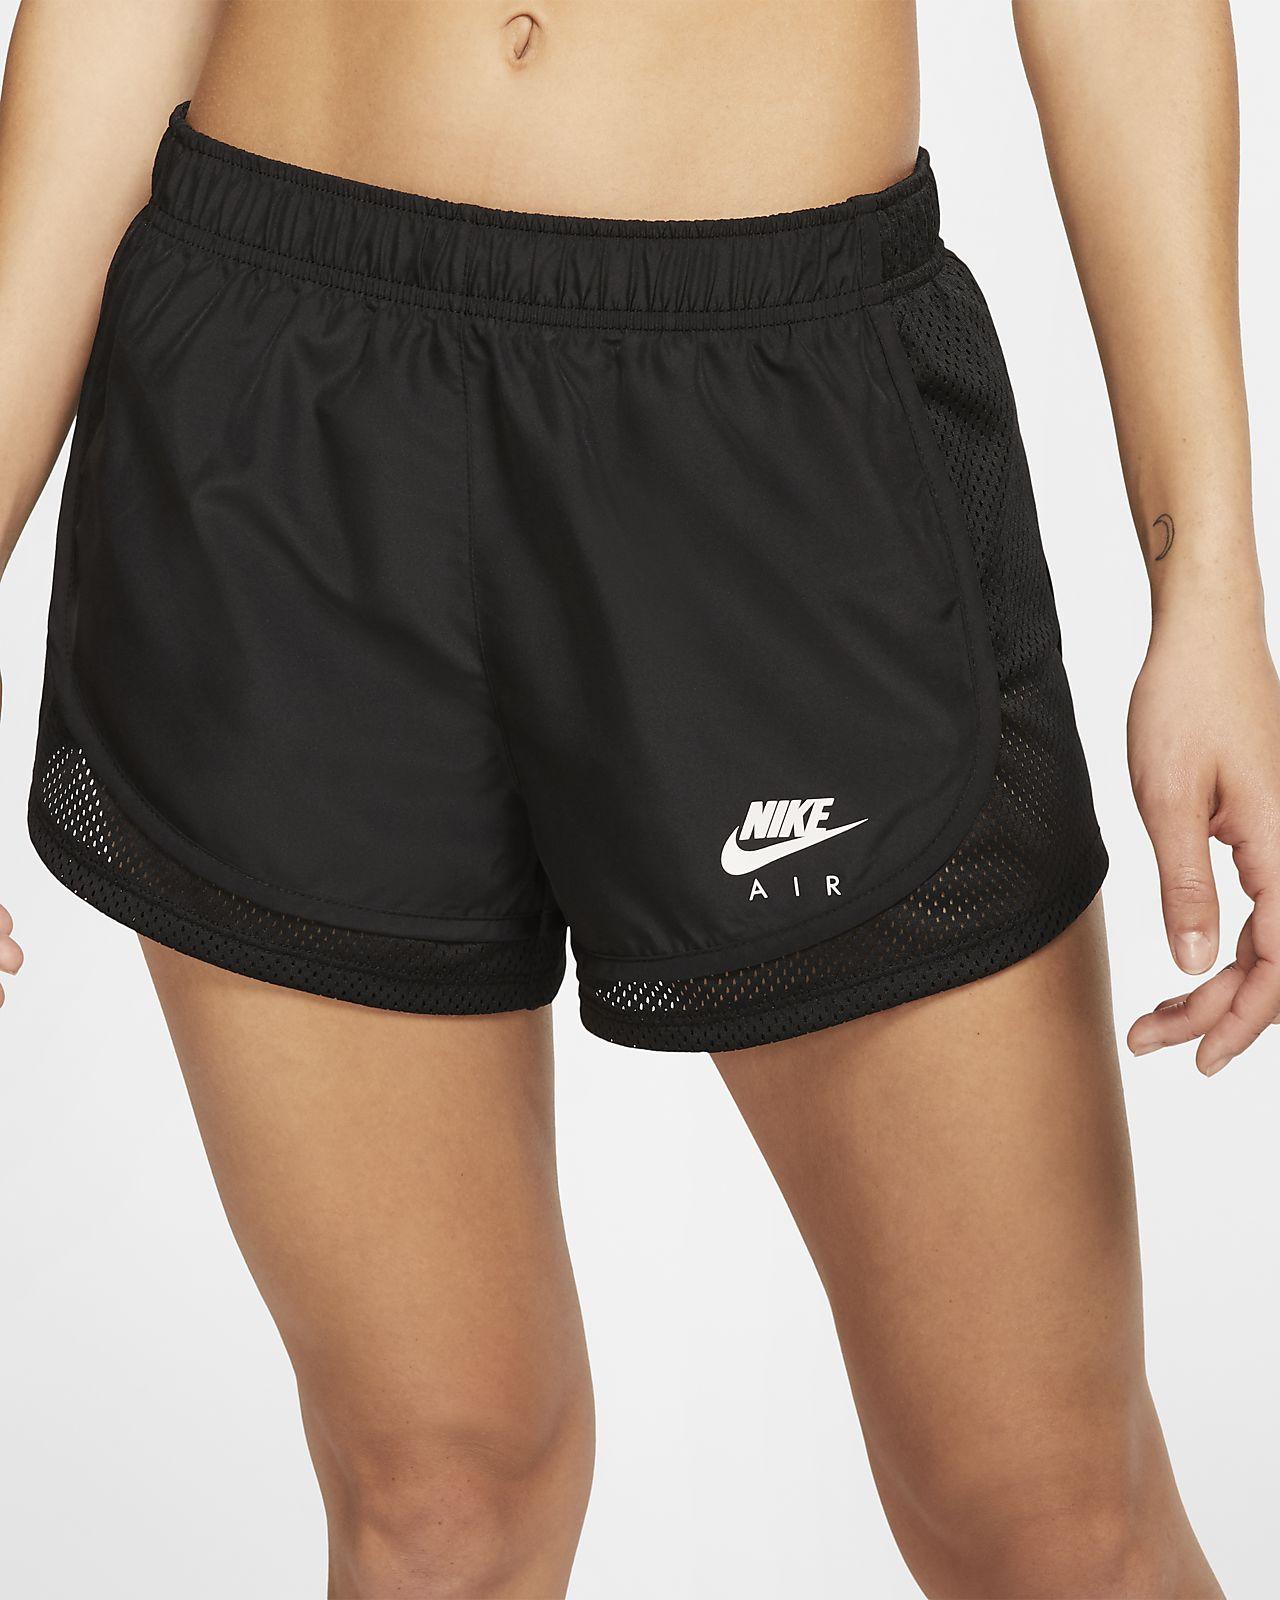 mejor selección 0e44b a002e Nike Air Tempo Pantalón corto de running - Mujer